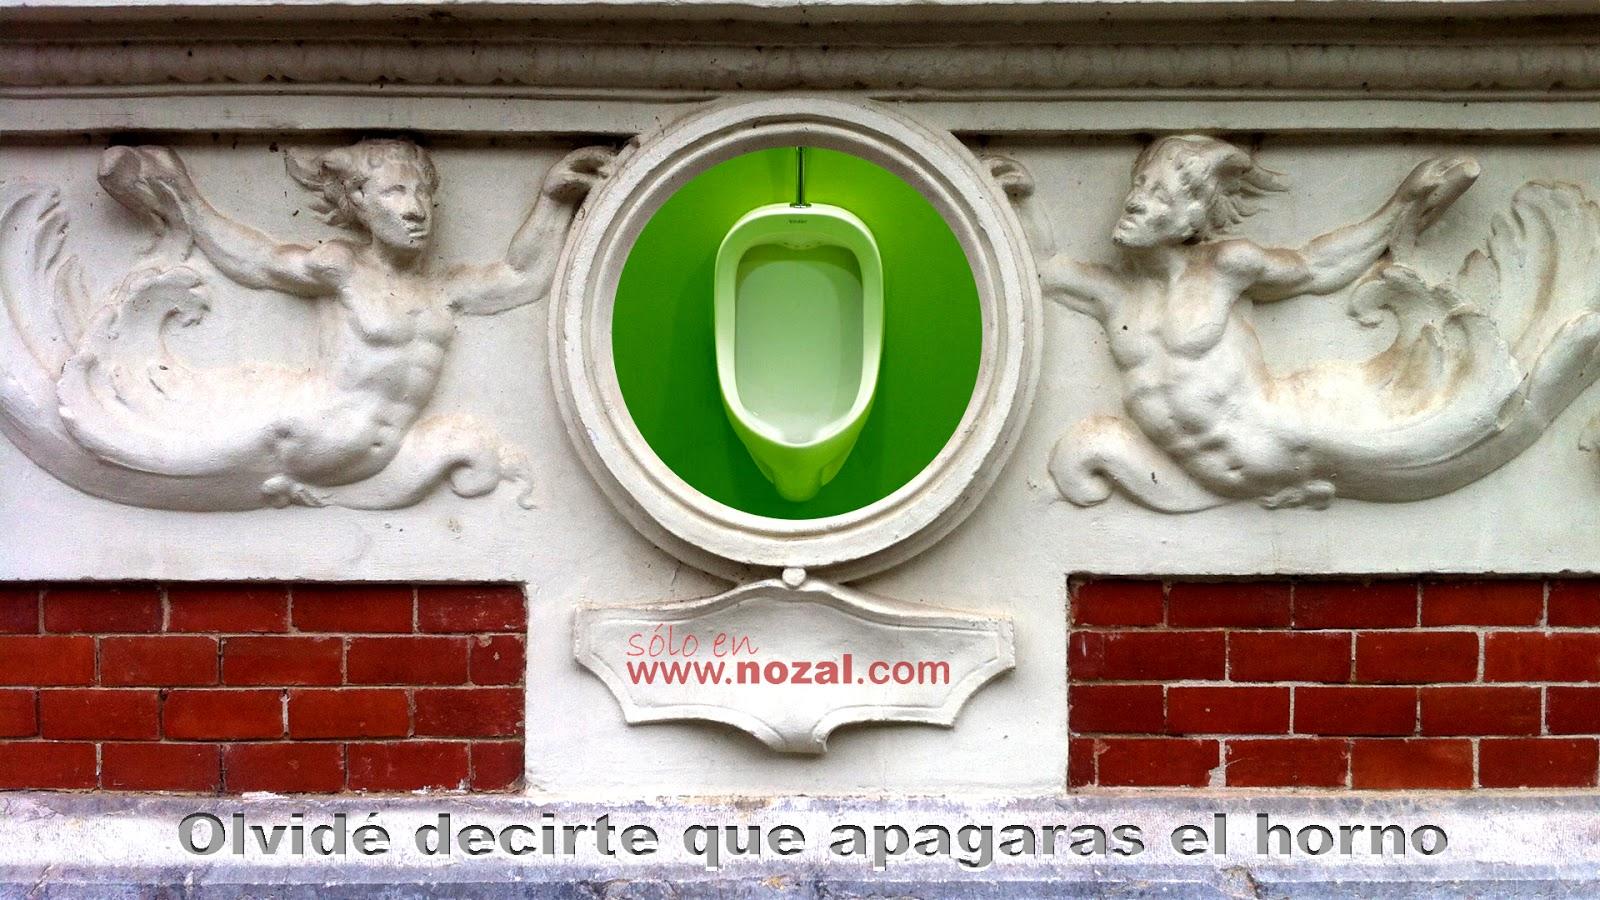 Del centro una novela, 2014 Abbé Nozal